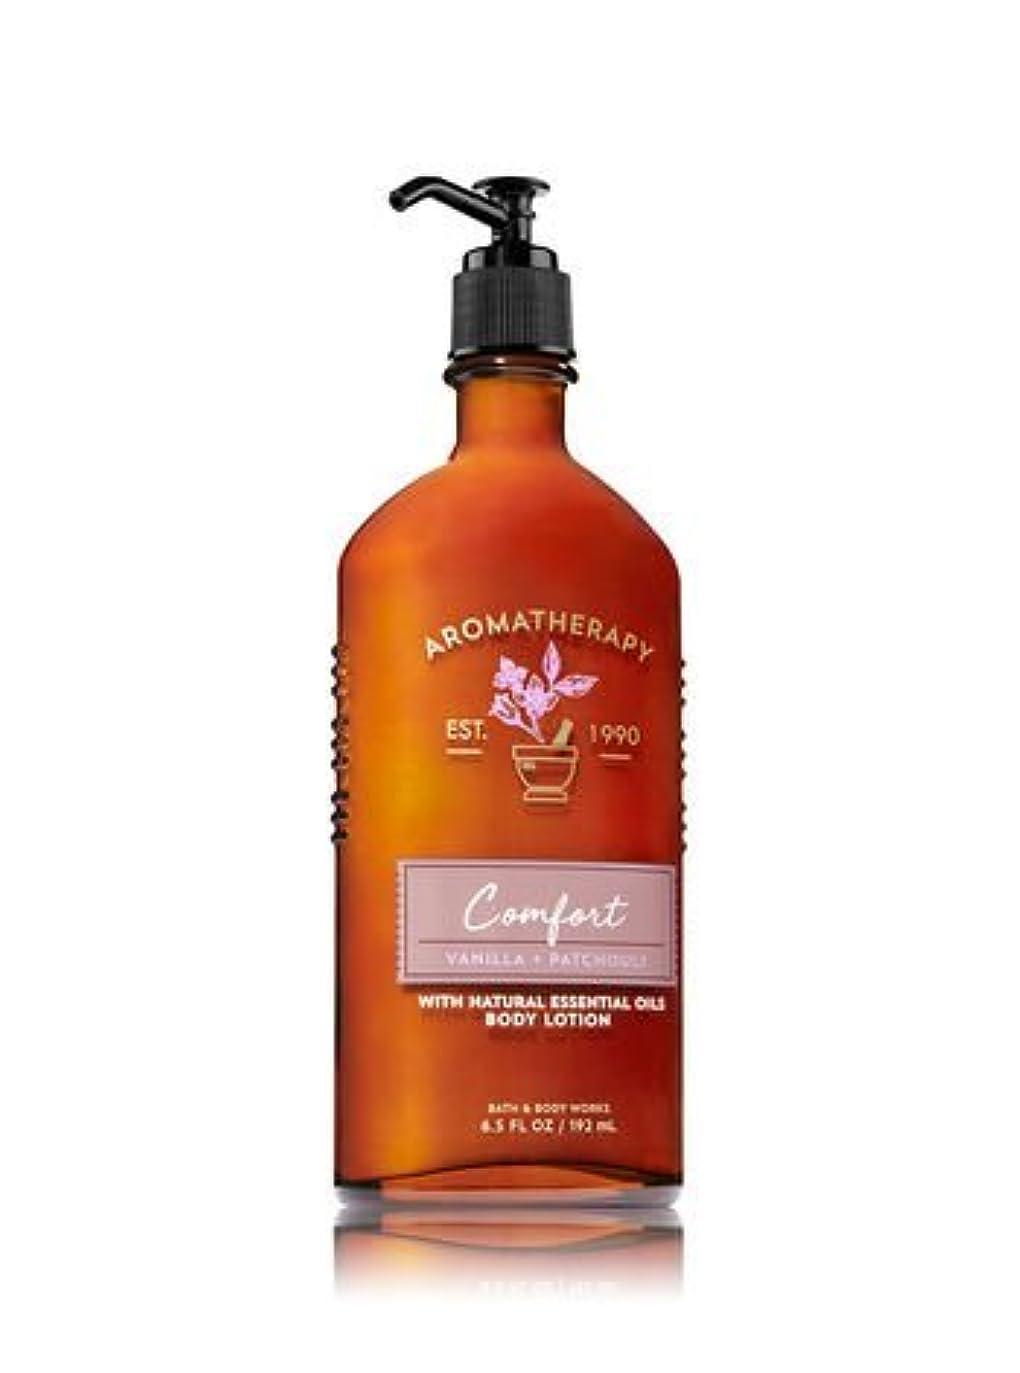 たっぷり引数物理学者【Bath&Body Works/バス&ボディワークス】 ボディローション アロマセラピー コンフォート バニラパチョリ Body Lotion Aromatherapy Comfort Vanilla Patchouli 6.5 fl oz / 192 mL [並行輸入品]